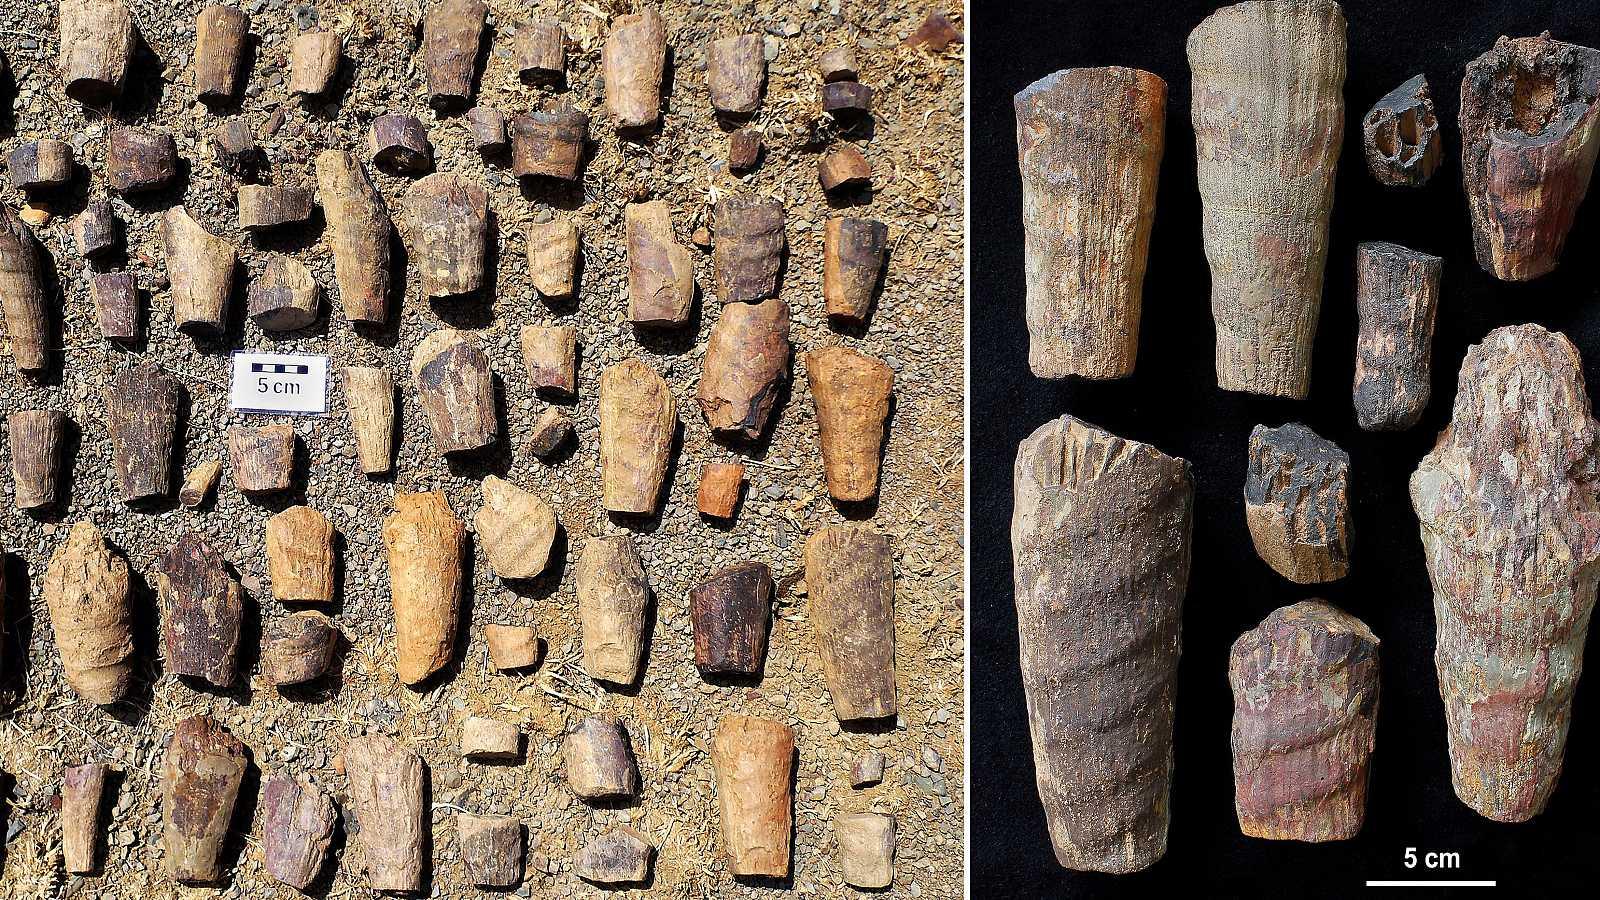 """Un equipo de científicos descubre un """"raro fósil marino"""" de hace 465 millones de años en Cabañeros"""